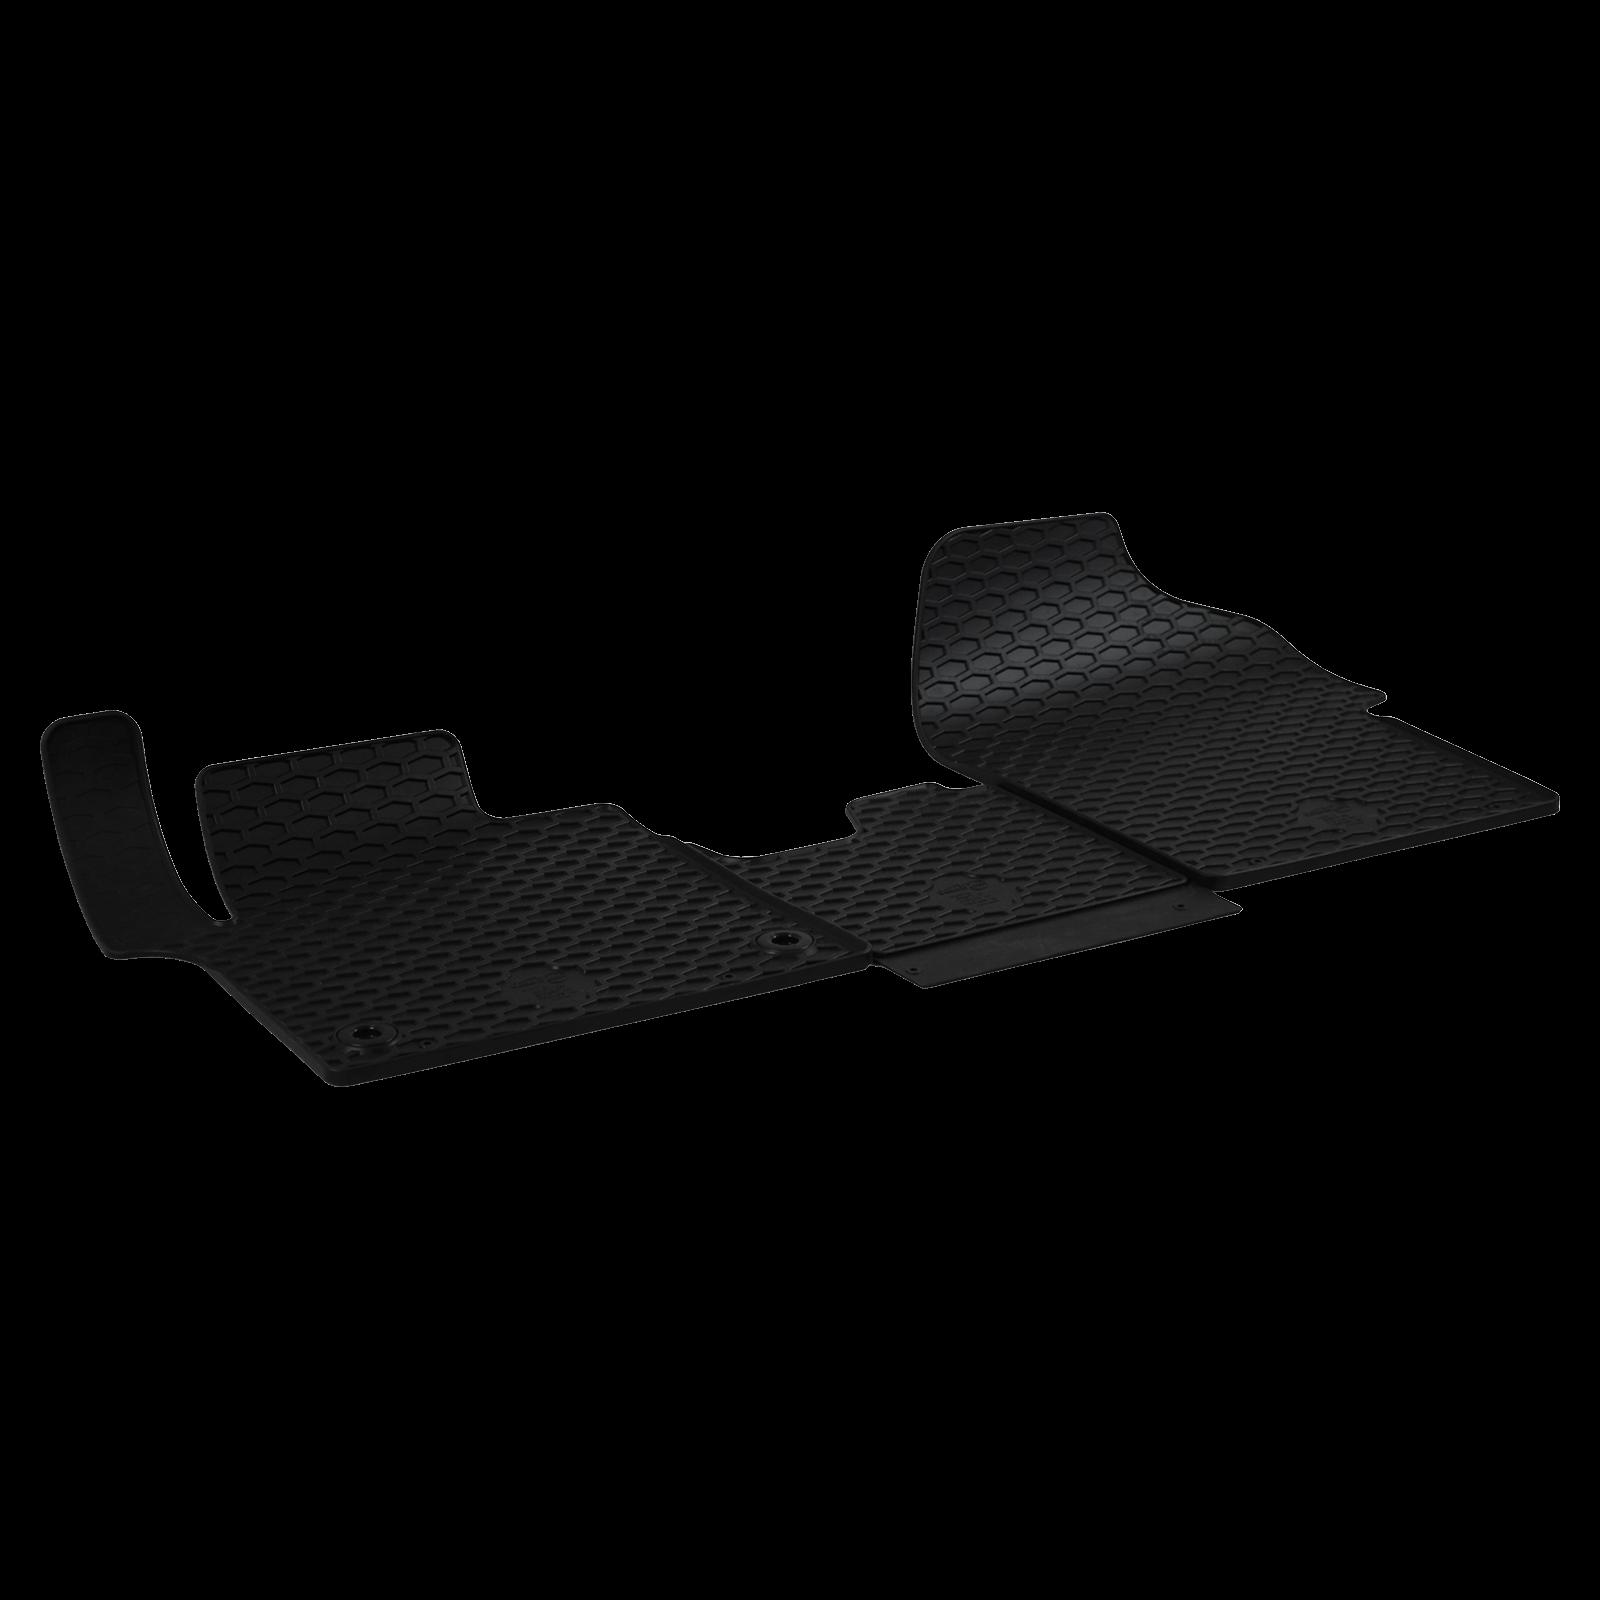 gummi fu matten schwarz f r peugeot traveller bj. Black Bedroom Furniture Sets. Home Design Ideas